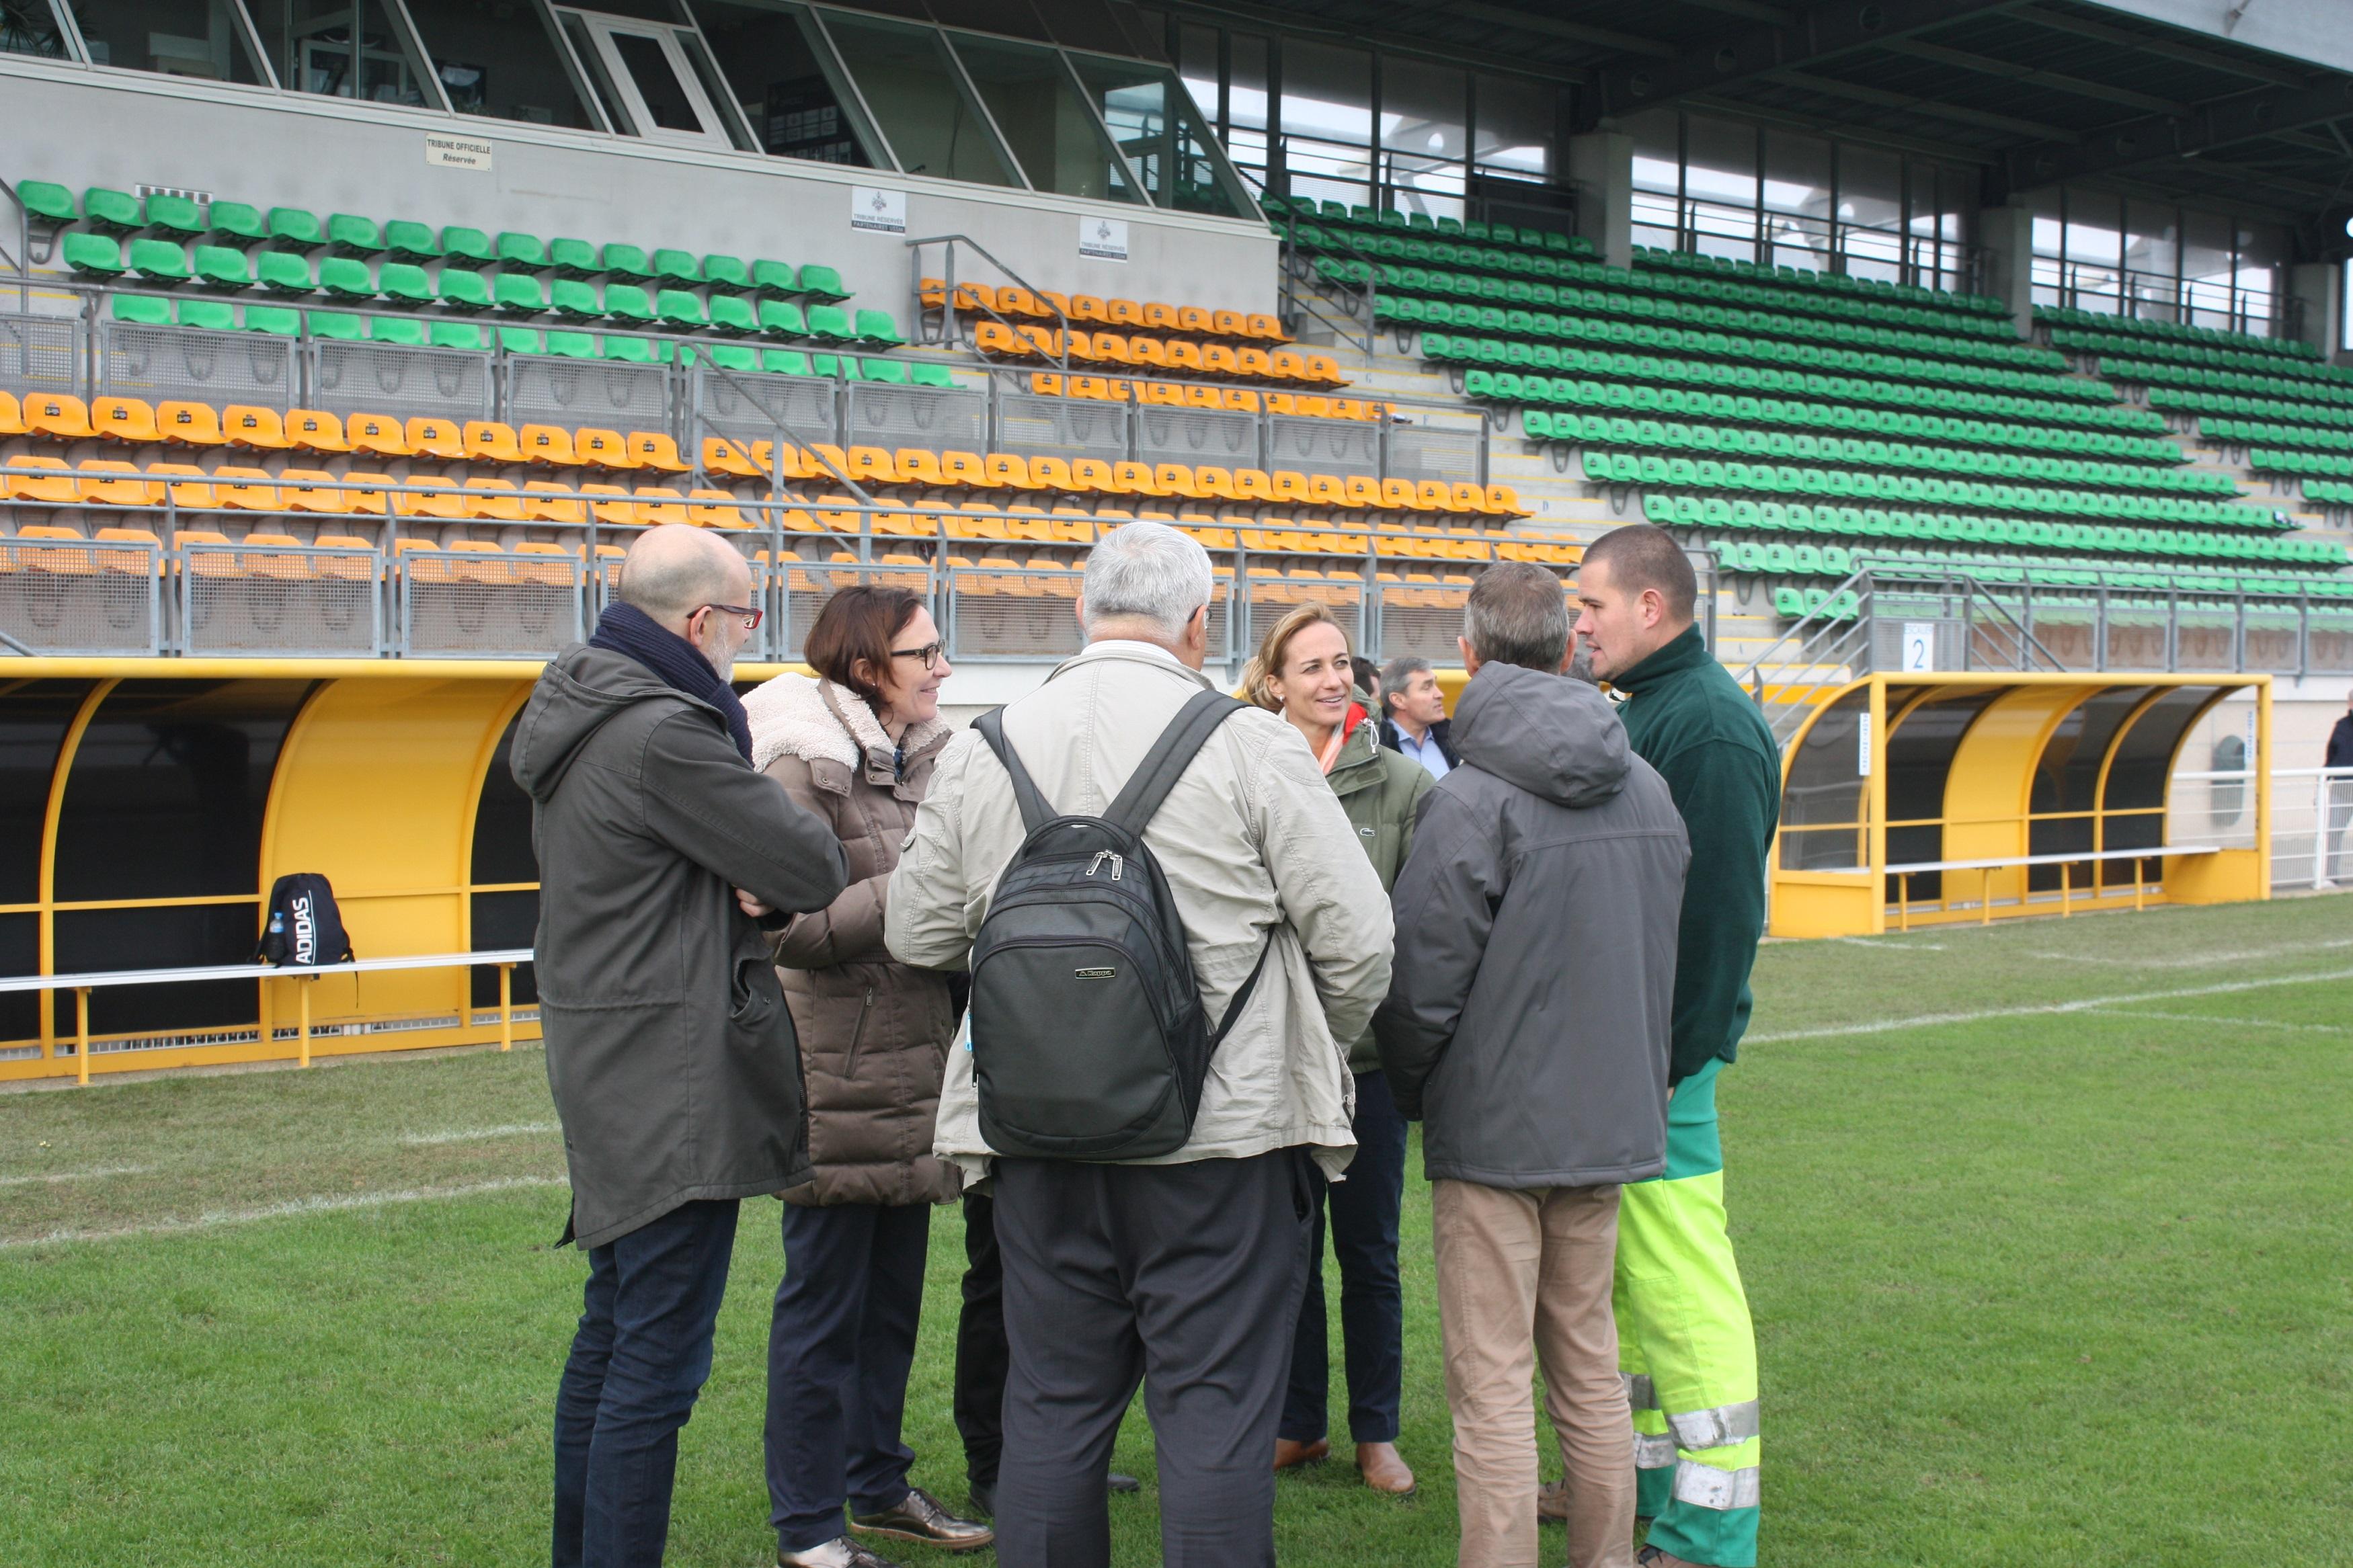 En visite à Saint-Malo, les représentants de la FIFA échangent avec les acteurs locaux (photo Sébastien Duret)